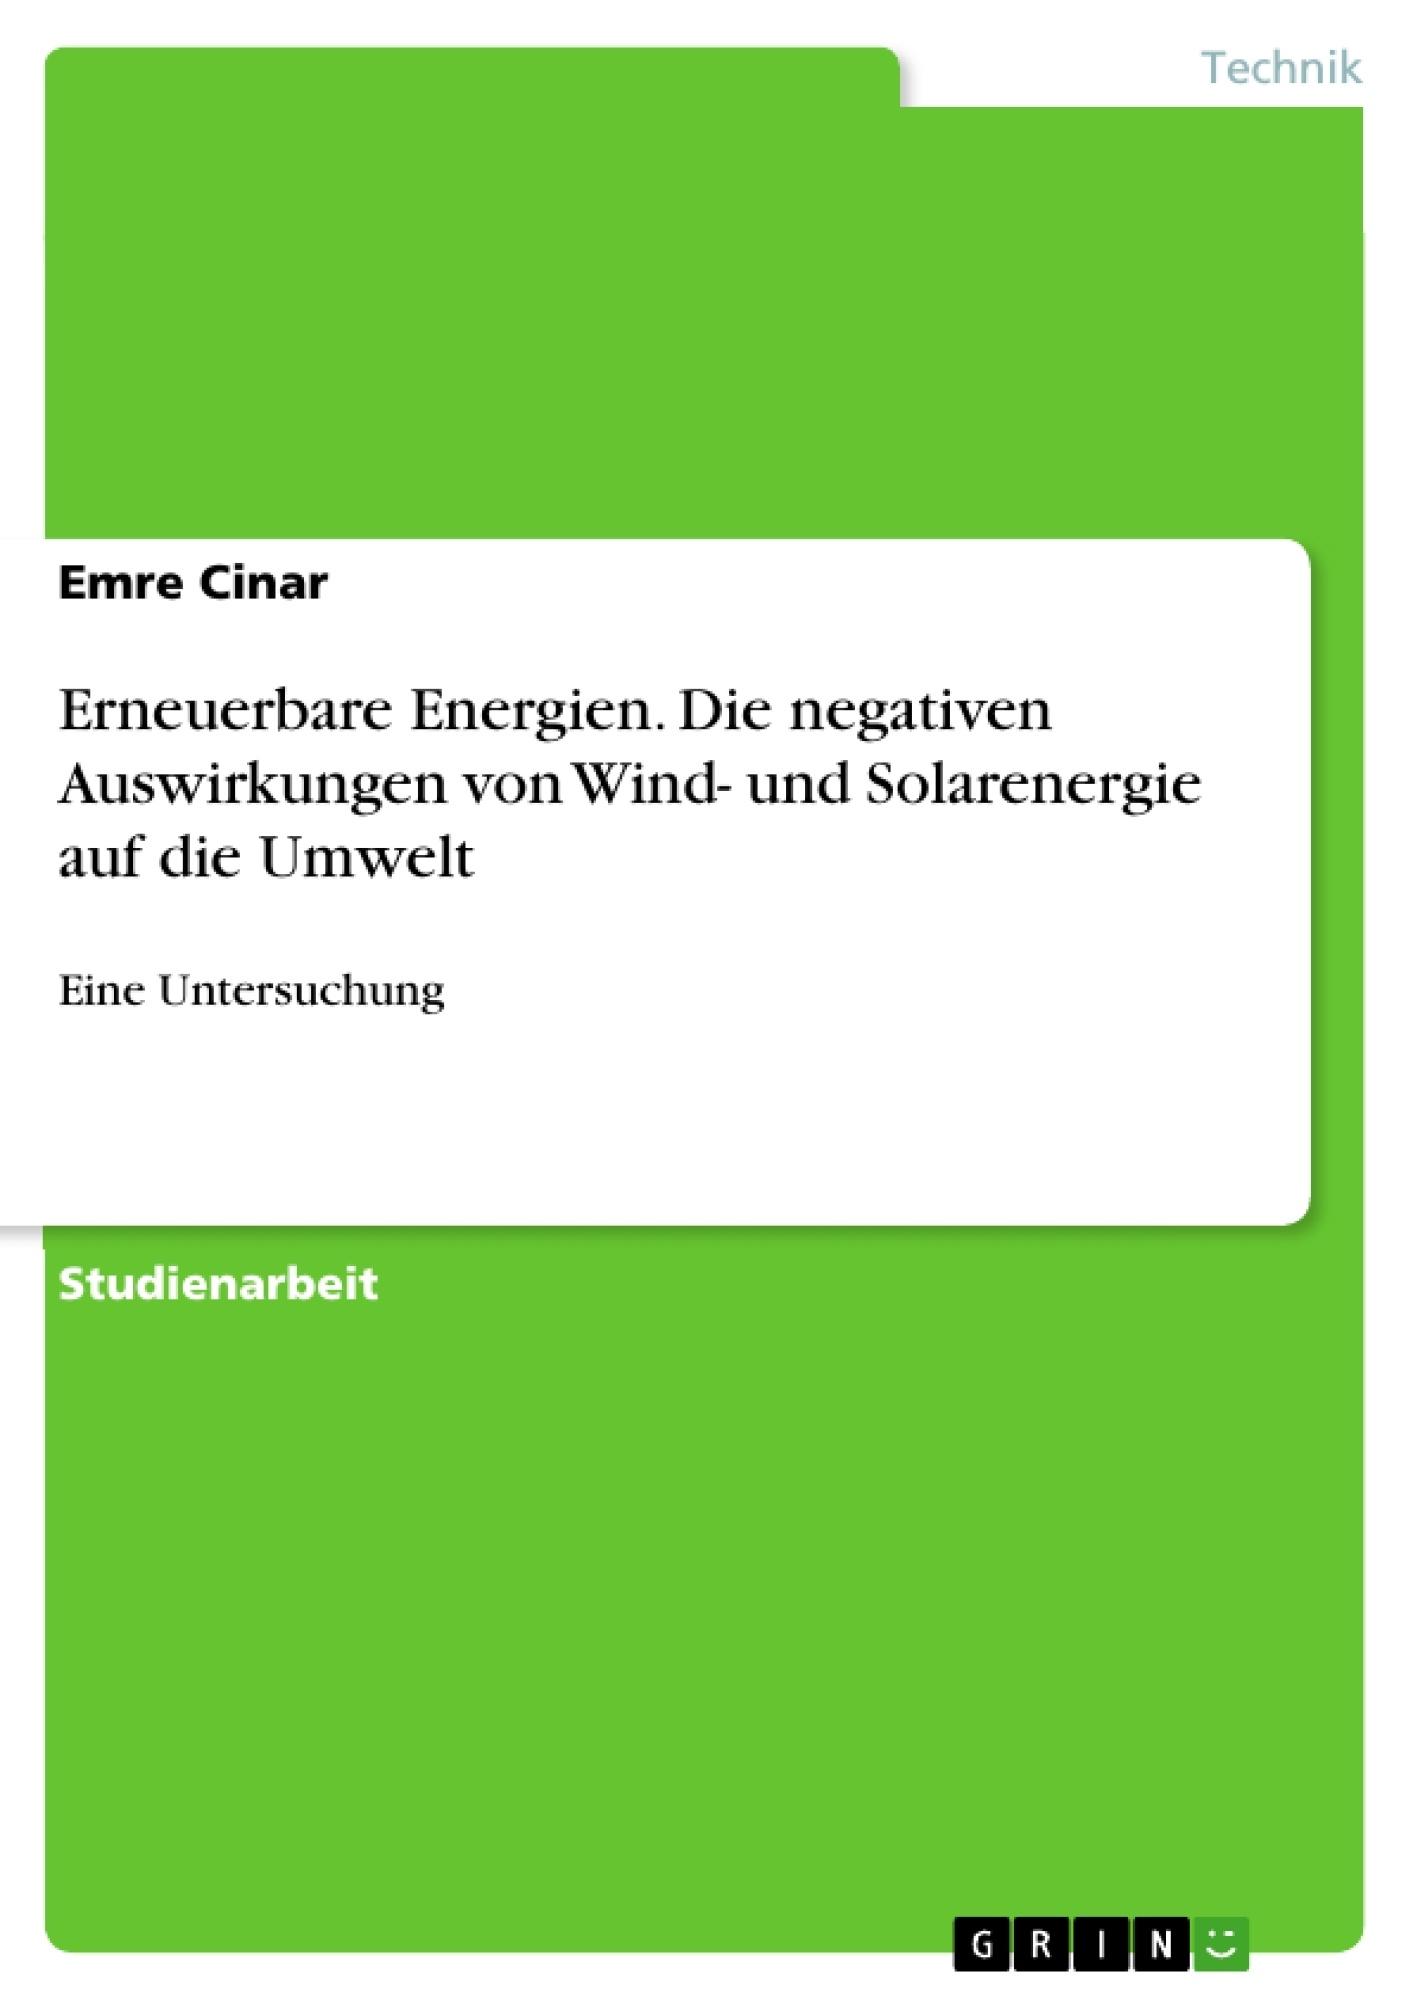 Titel: Erneuerbare Energien. Die negativen Auswirkungen von Wind- und Solarenergie auf die Umwelt